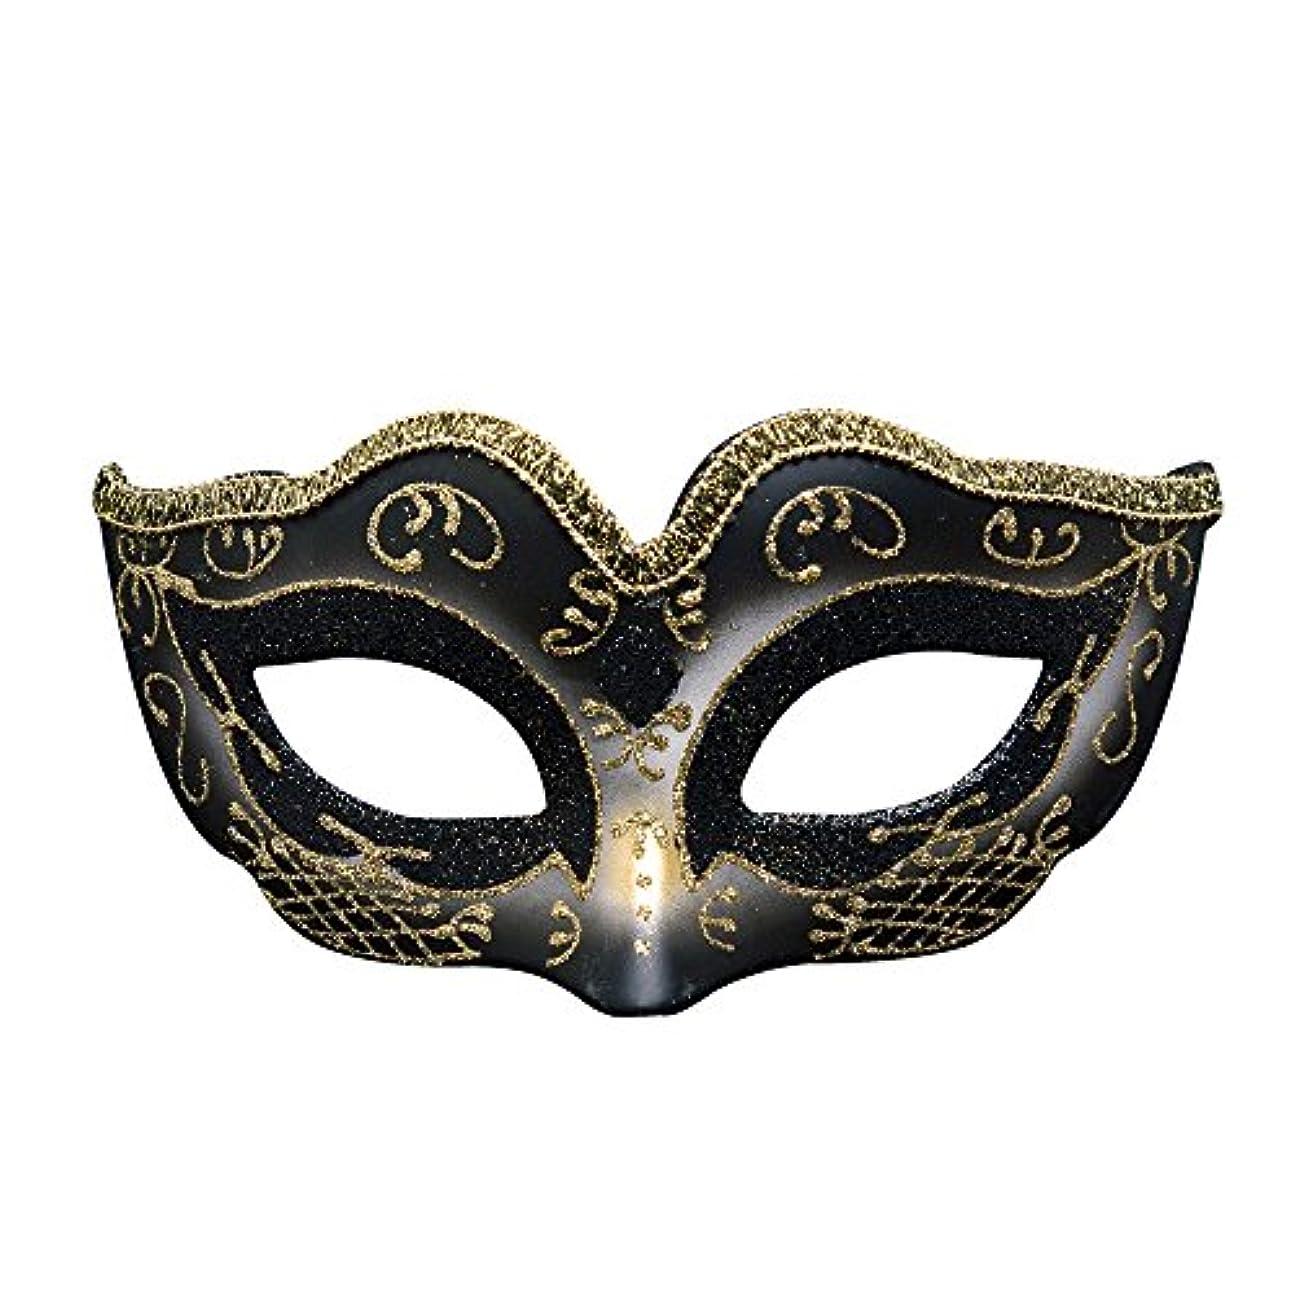 おめでとうペンダントレジデンスクリエイティブカスタム子供のなりすましパーティーハロウィーンマスククリスマス雰囲気マスク (Color : A)